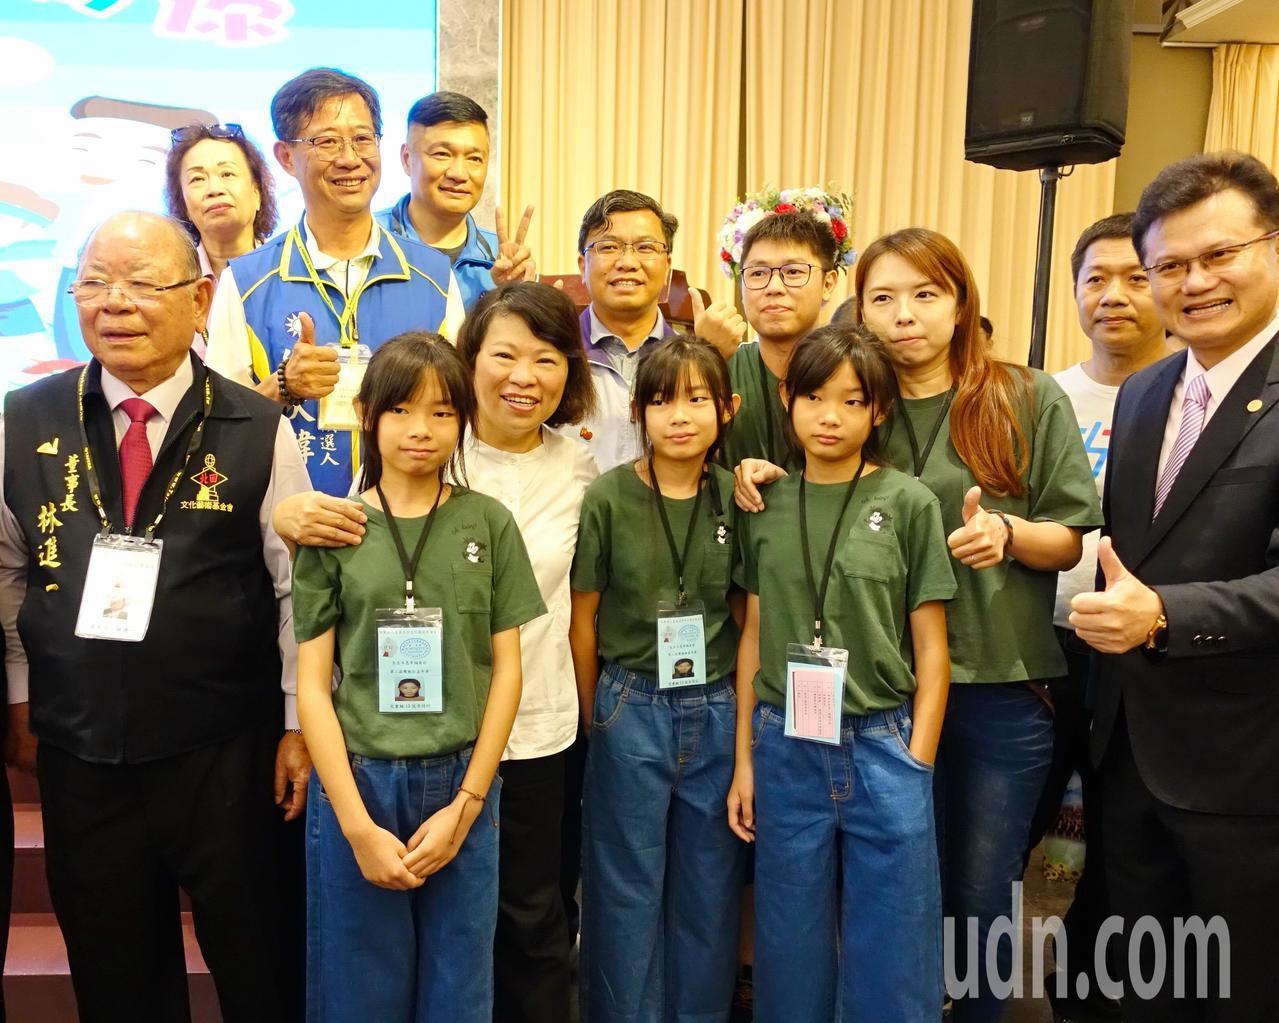 嘉義市長黃敏惠(前拍左三)與三胞胎合照。記者李承穎/攝影